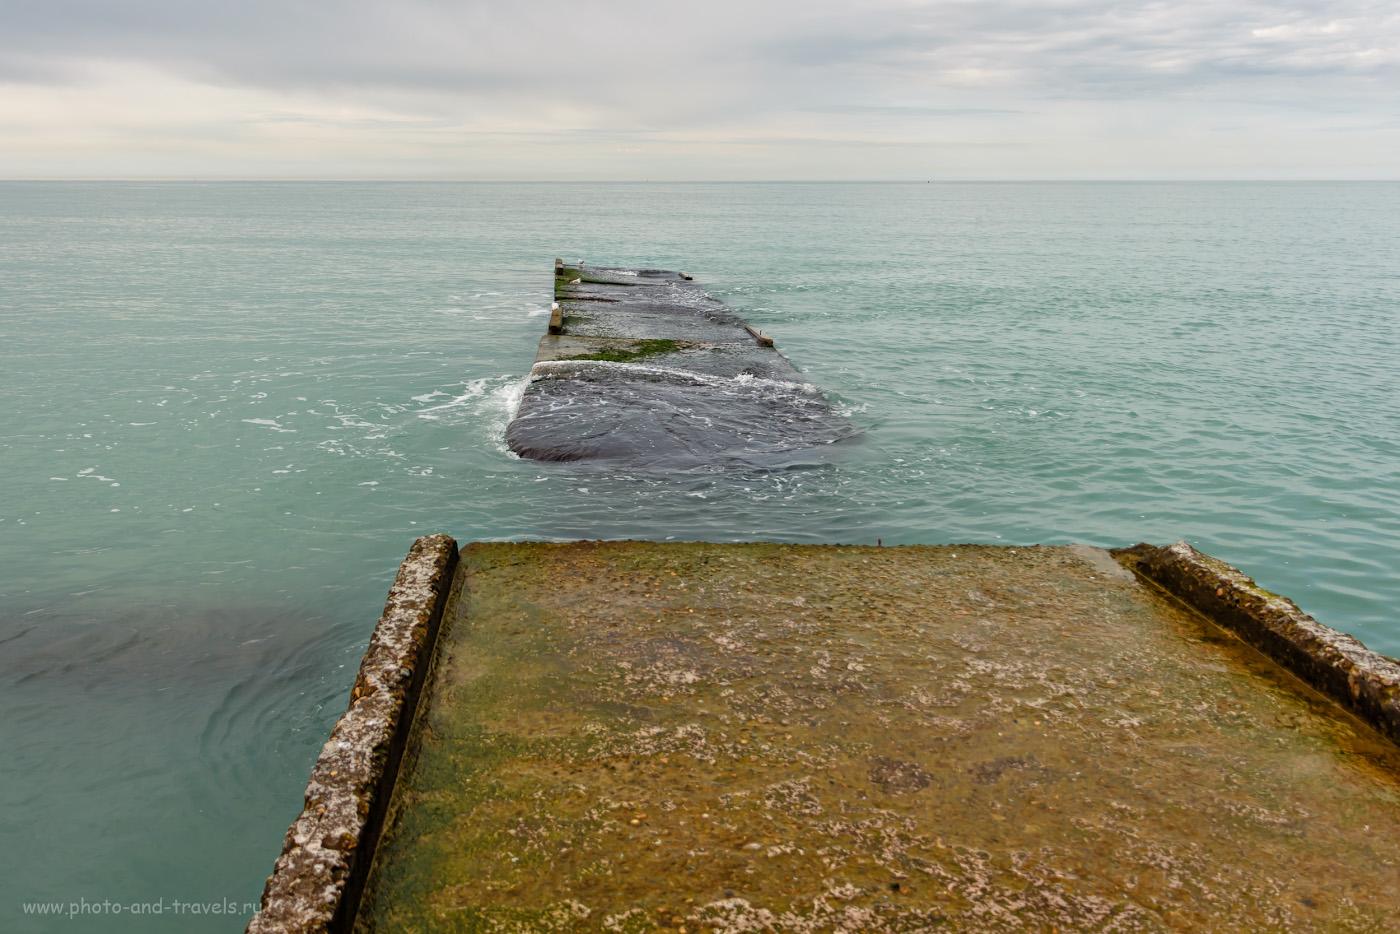 Фото 4. Отпускное настроение. Черное море в Сочи в несезон. 1/640, f/3.5, ISO 100, 18мм.